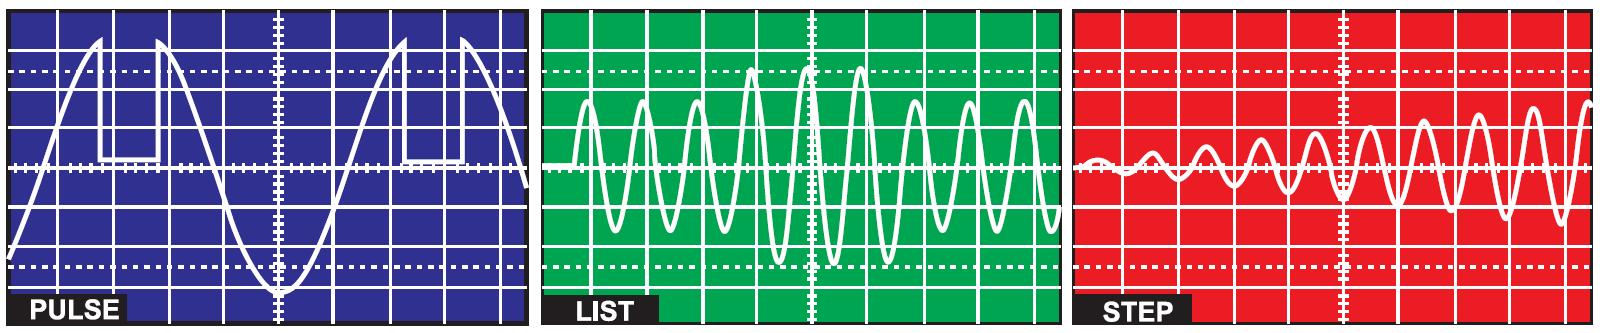 Моделирование помех в сети электропитания